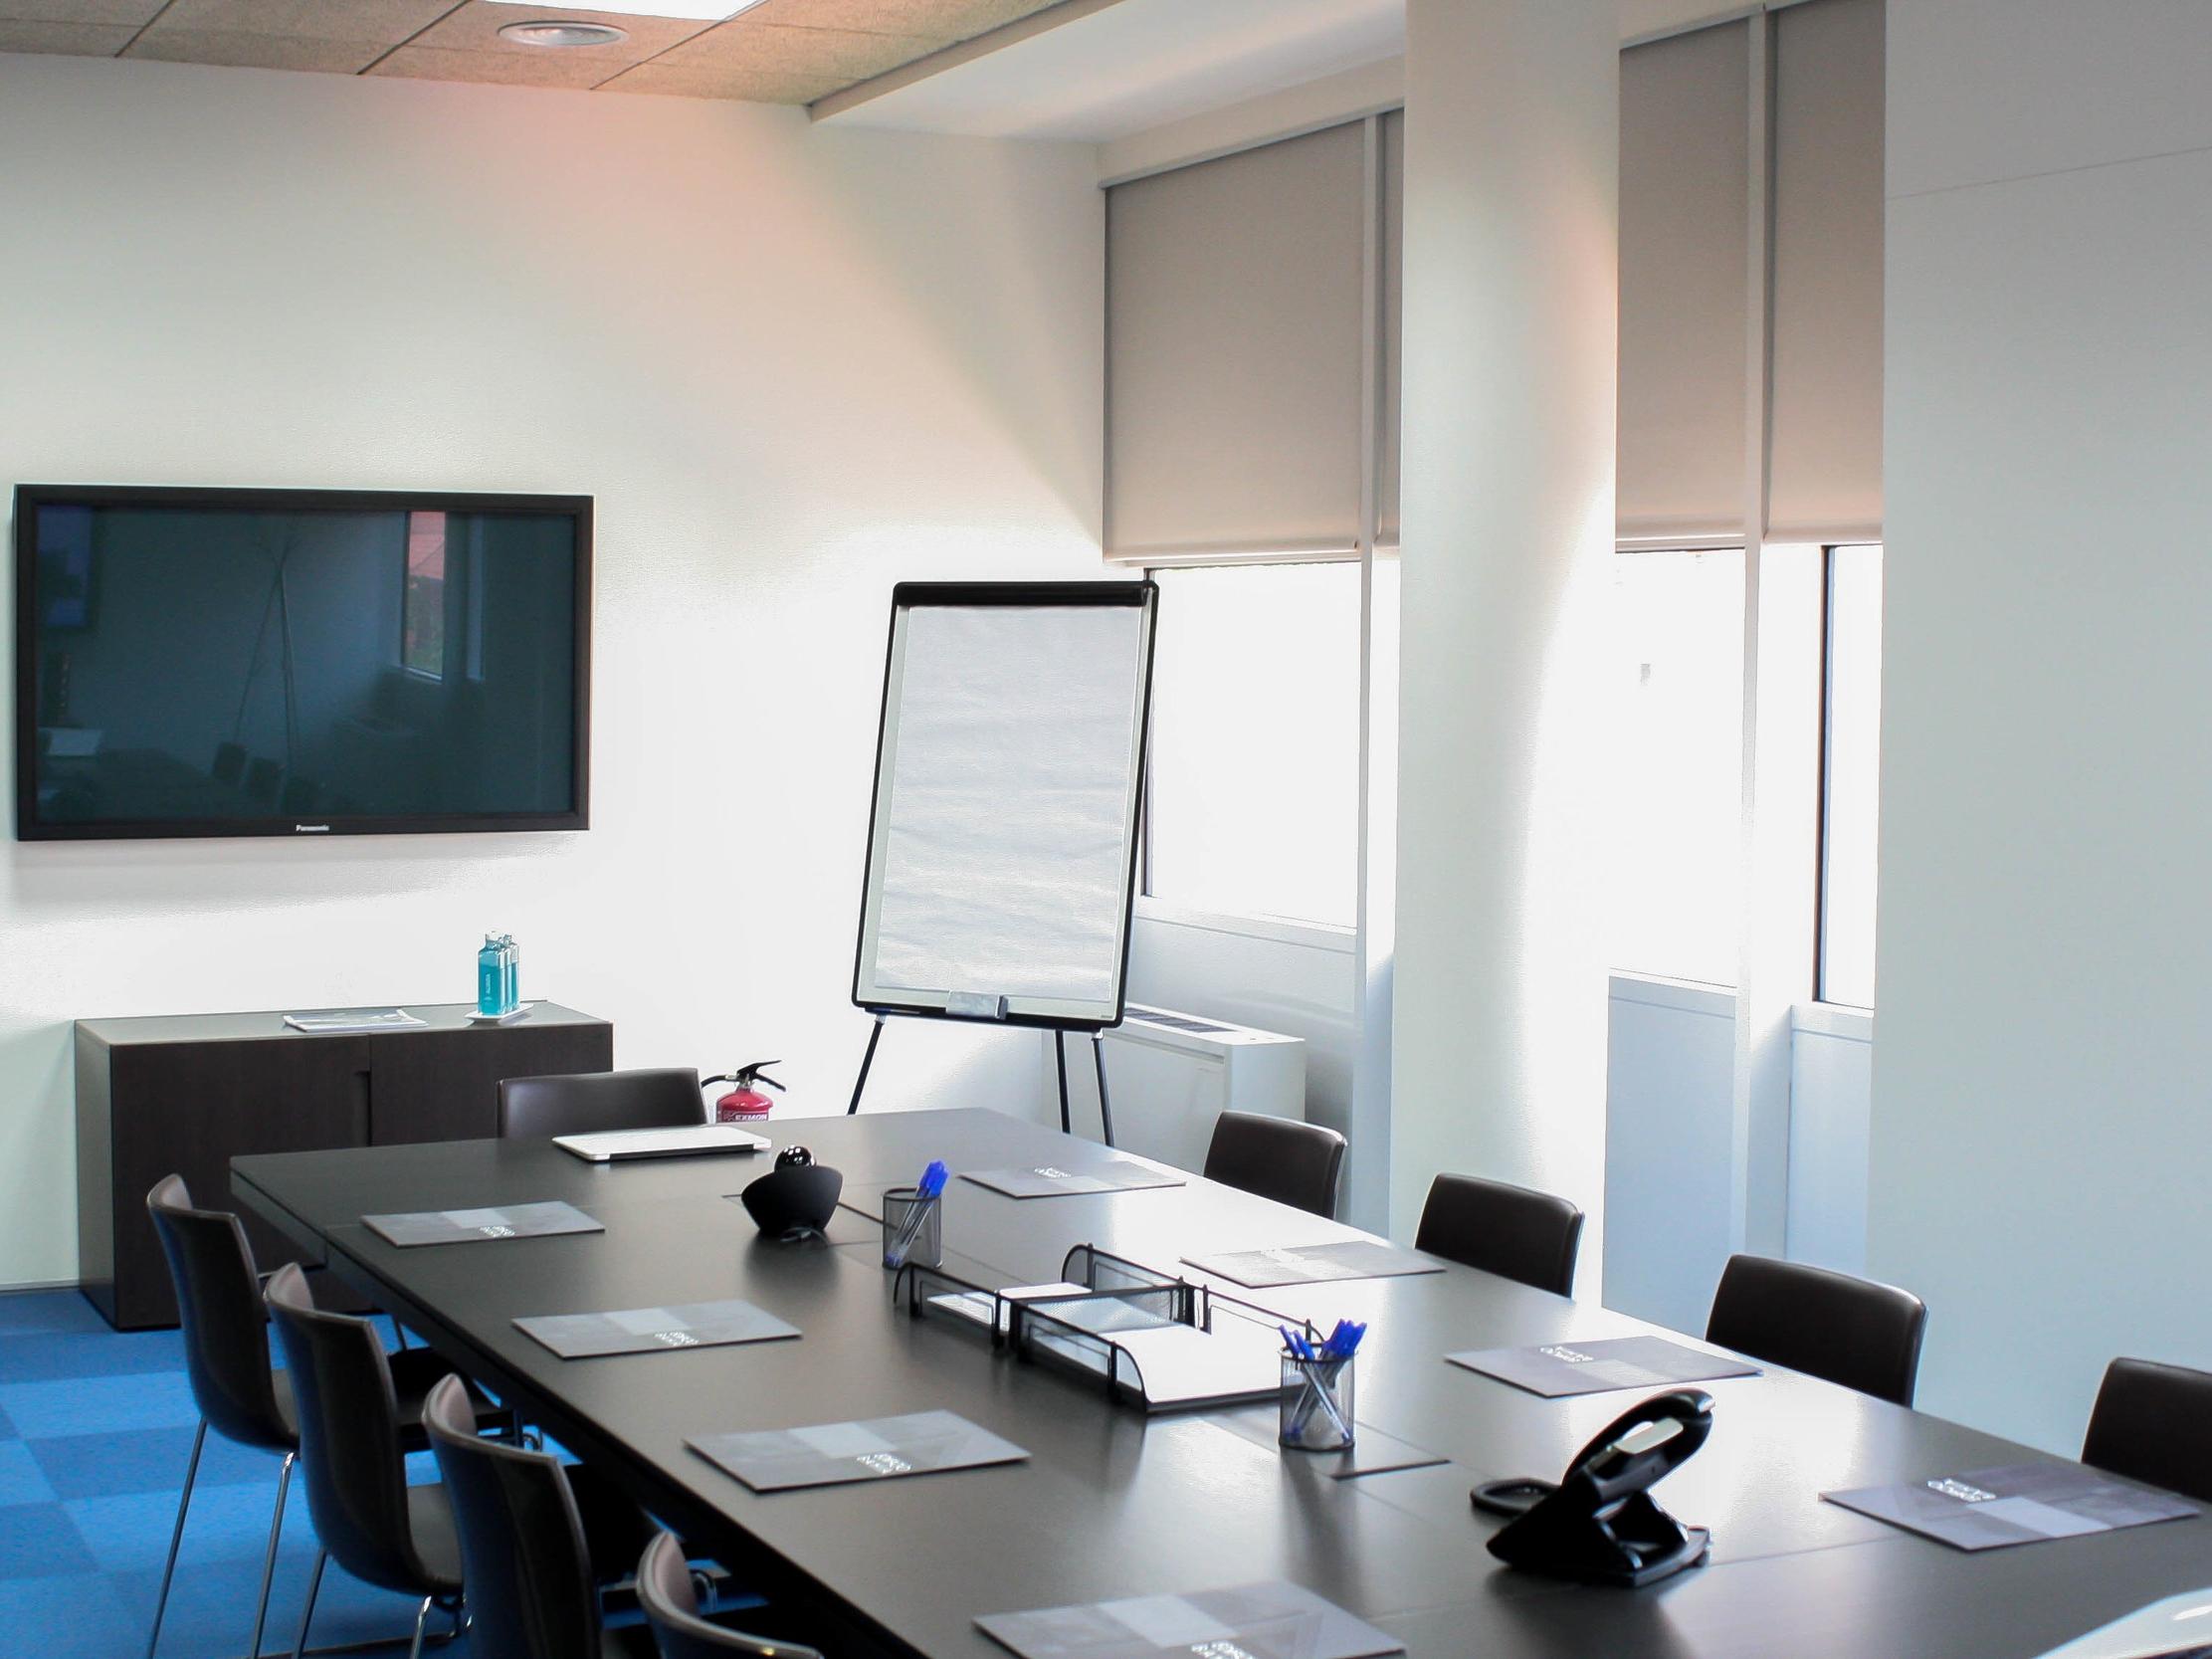 Versatilidad en el uso de las salas - Las salas en Bahía Space son perfectas para cualquier tipo de reunión o evento como conferencias, cursos de formación o para realizar entrevistas...